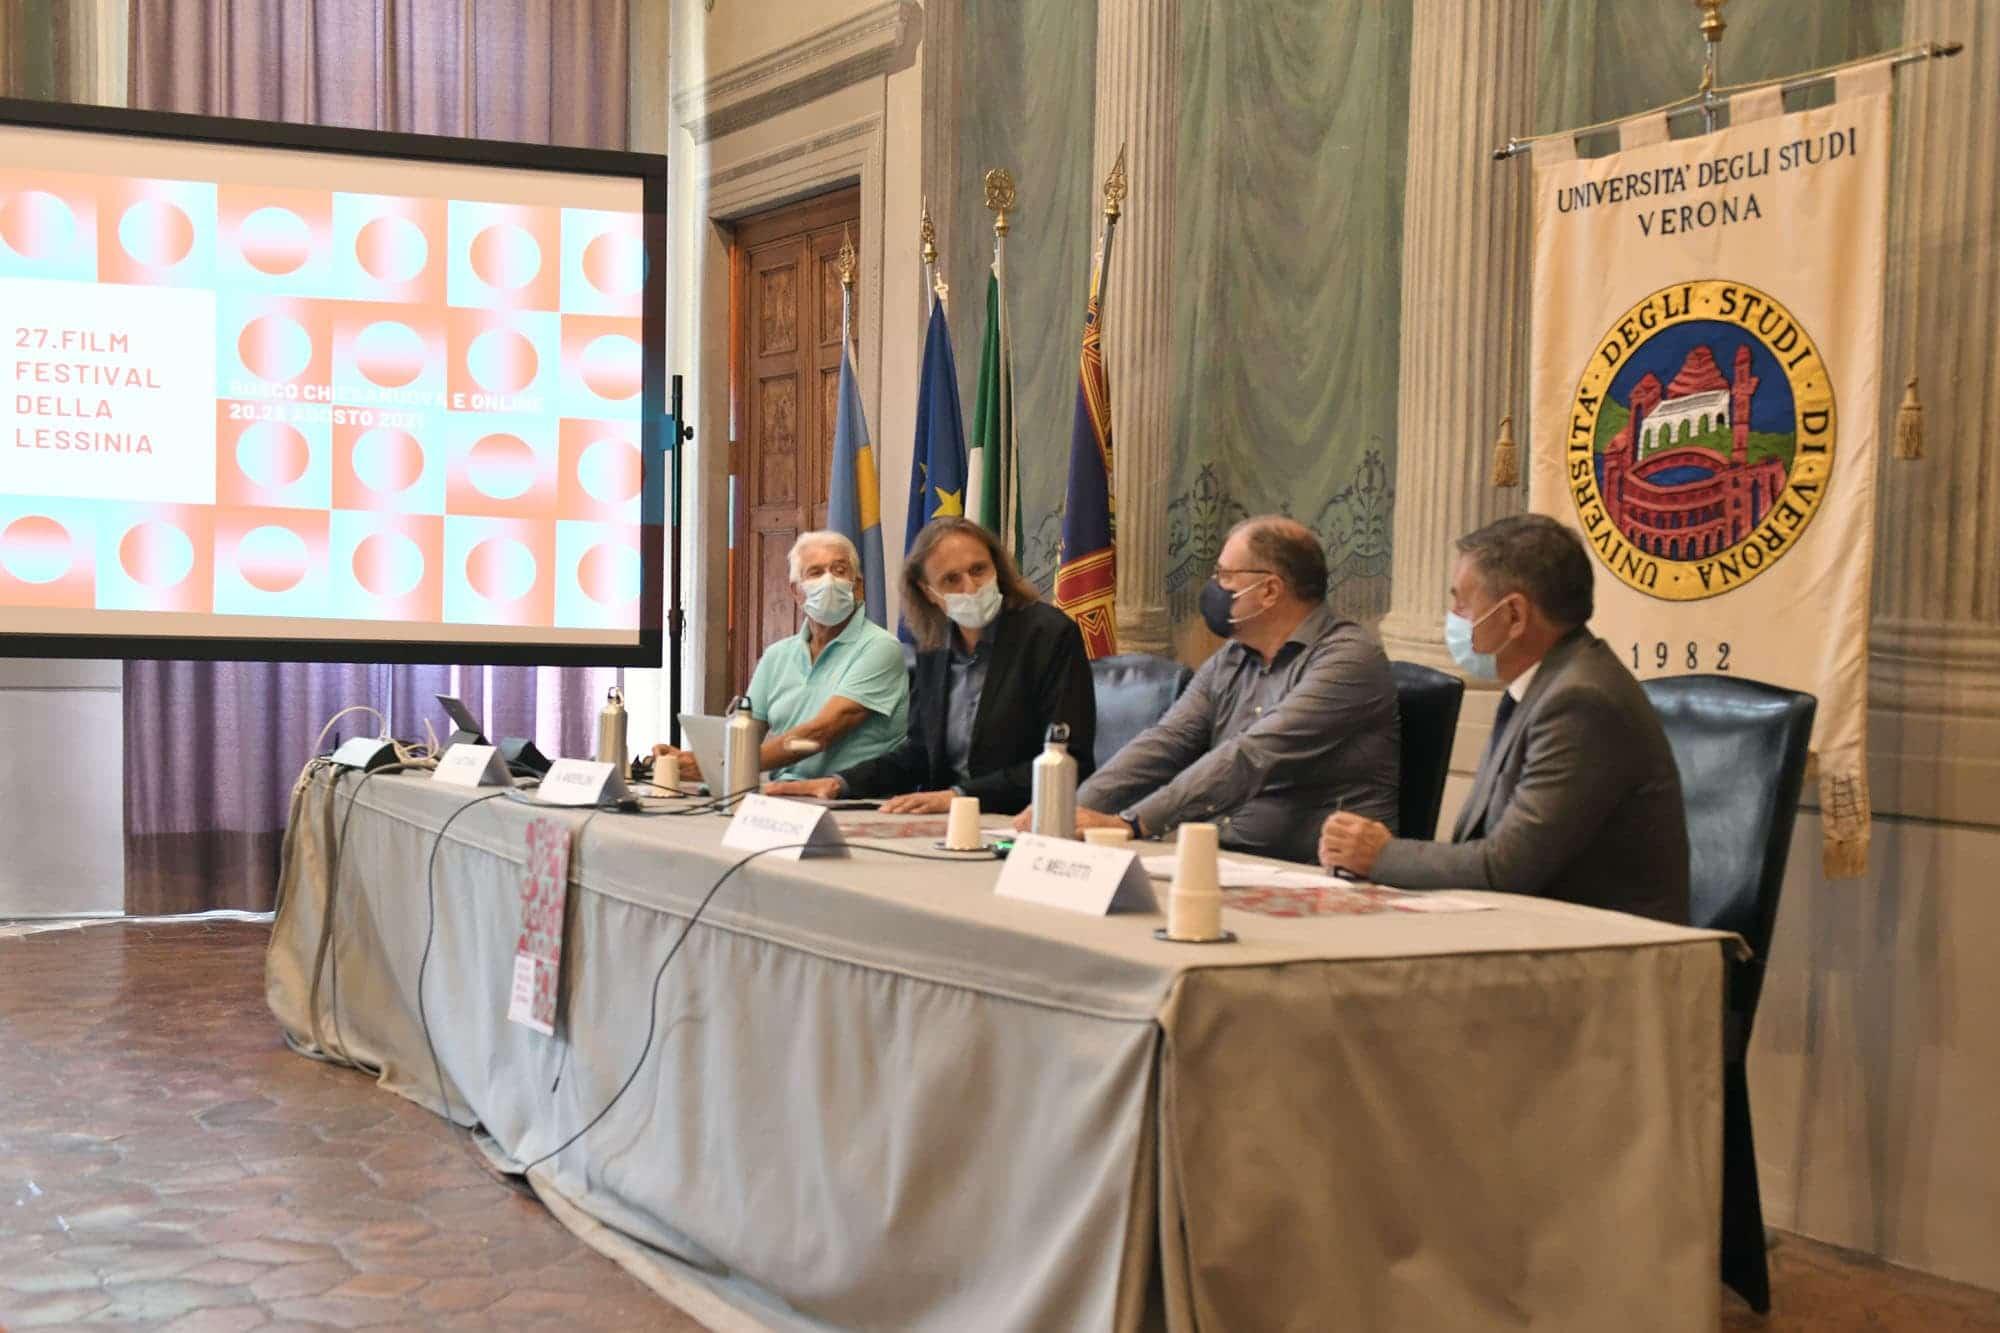 festival della lessinia - Conferenza Stampa